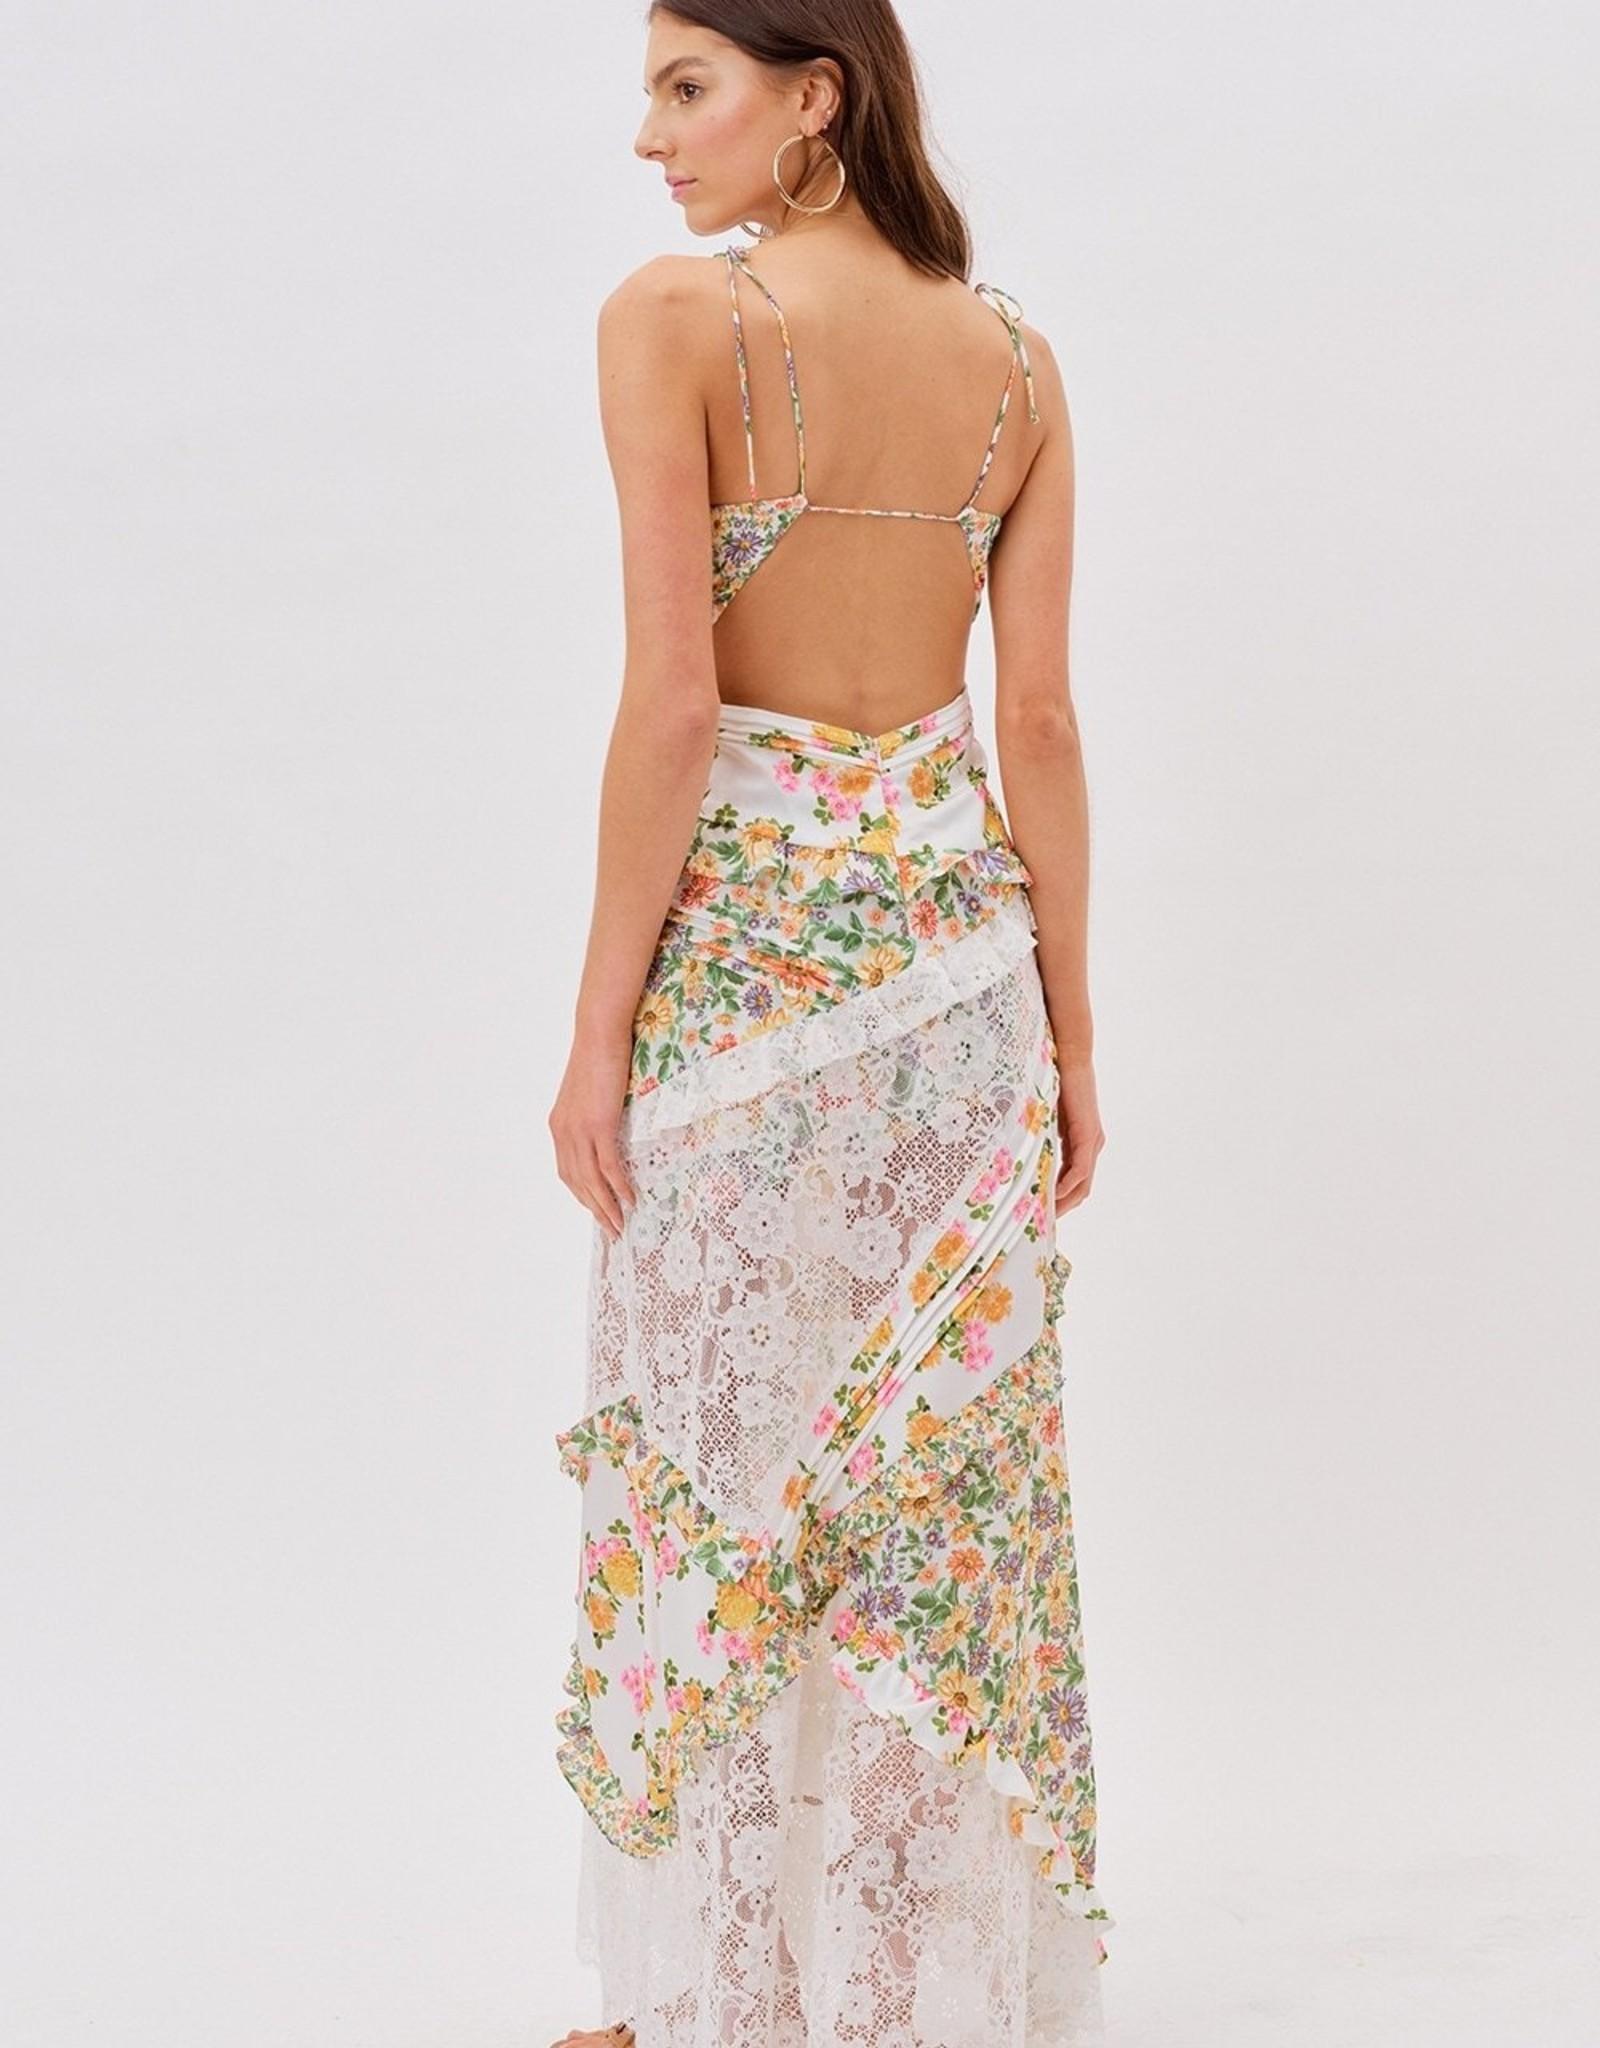 For Love and Lemons For Love and Lemons Rosalyn  Maxi Dress